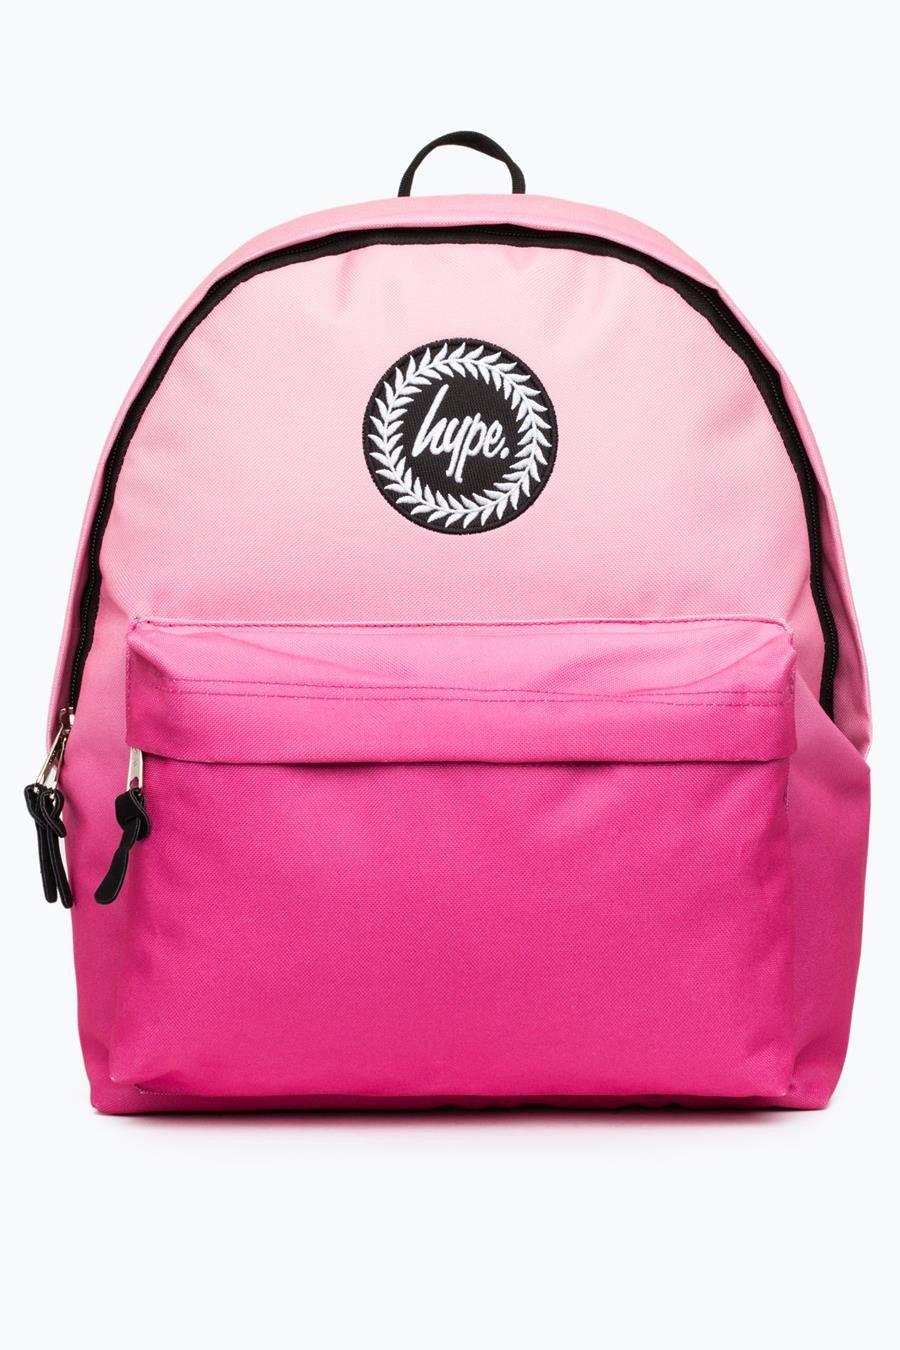 0de267ddcb Hype peach fade backpack in 2019